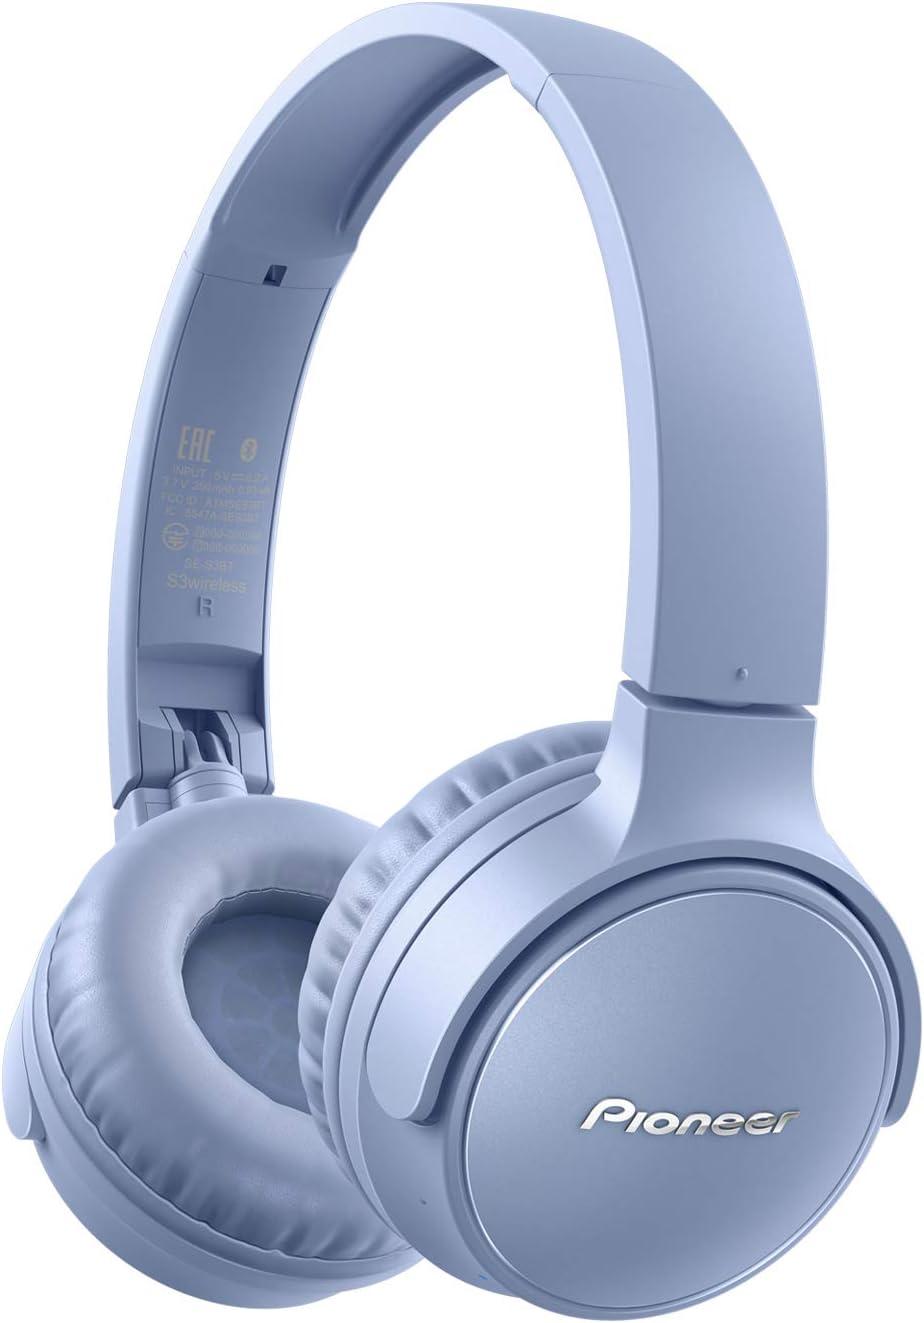 Pioneer S3wireless SE-S3BT audífonos Bluetooth 5.0, Tipo Sellado hasta 25 Horas de Uso [Importado de Japón] Azul